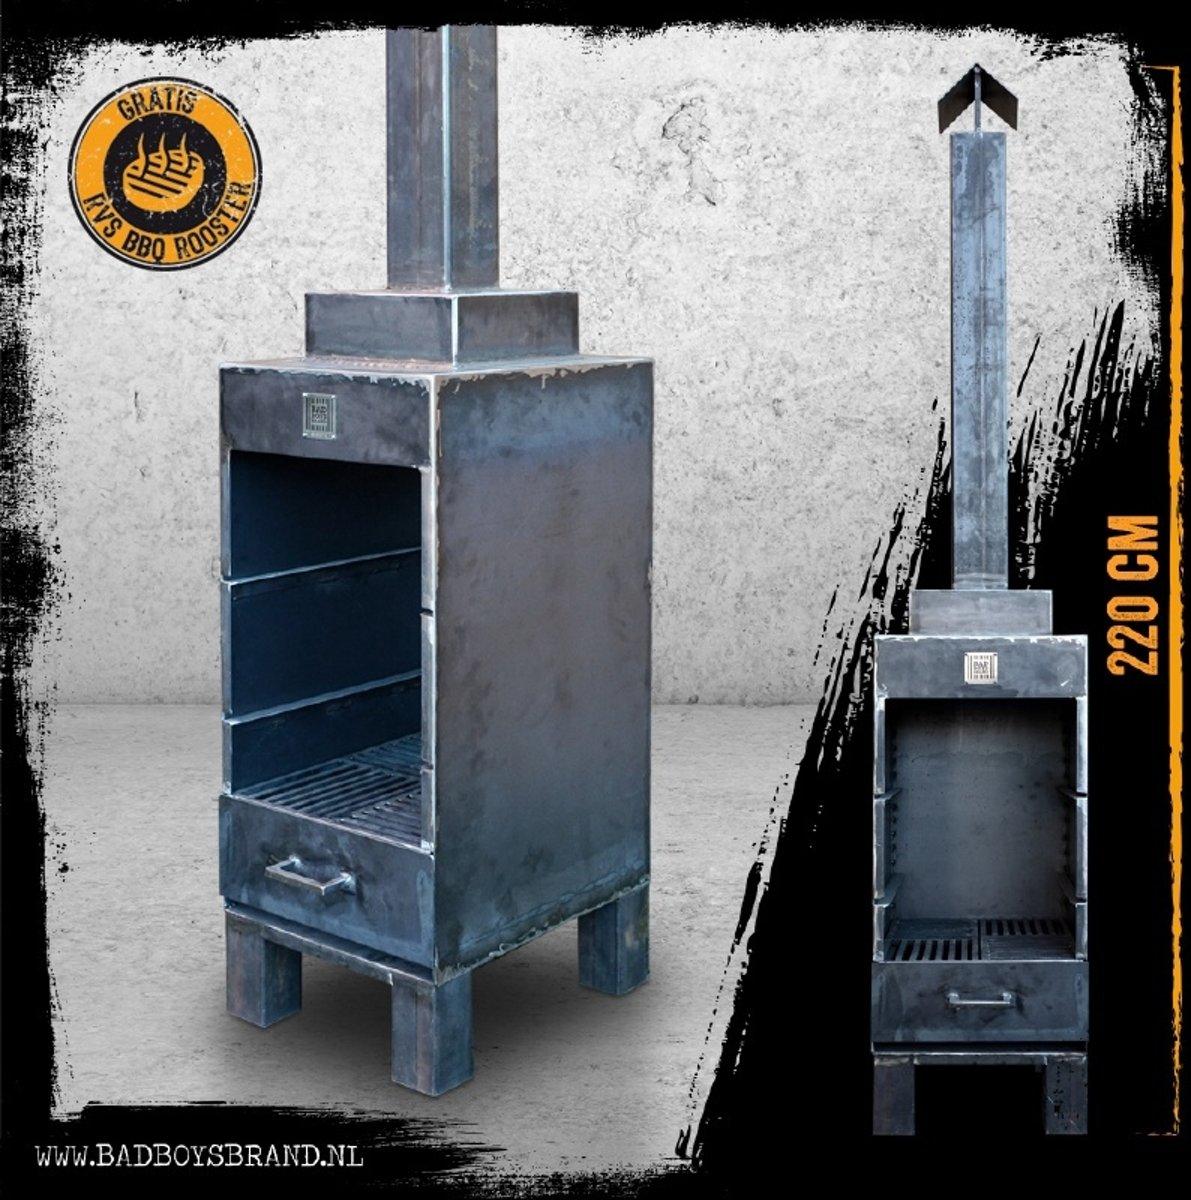 Sparta - Tuinhaard 220cm - BadBoysBrand - Staal - 100% Made in Jail kopen